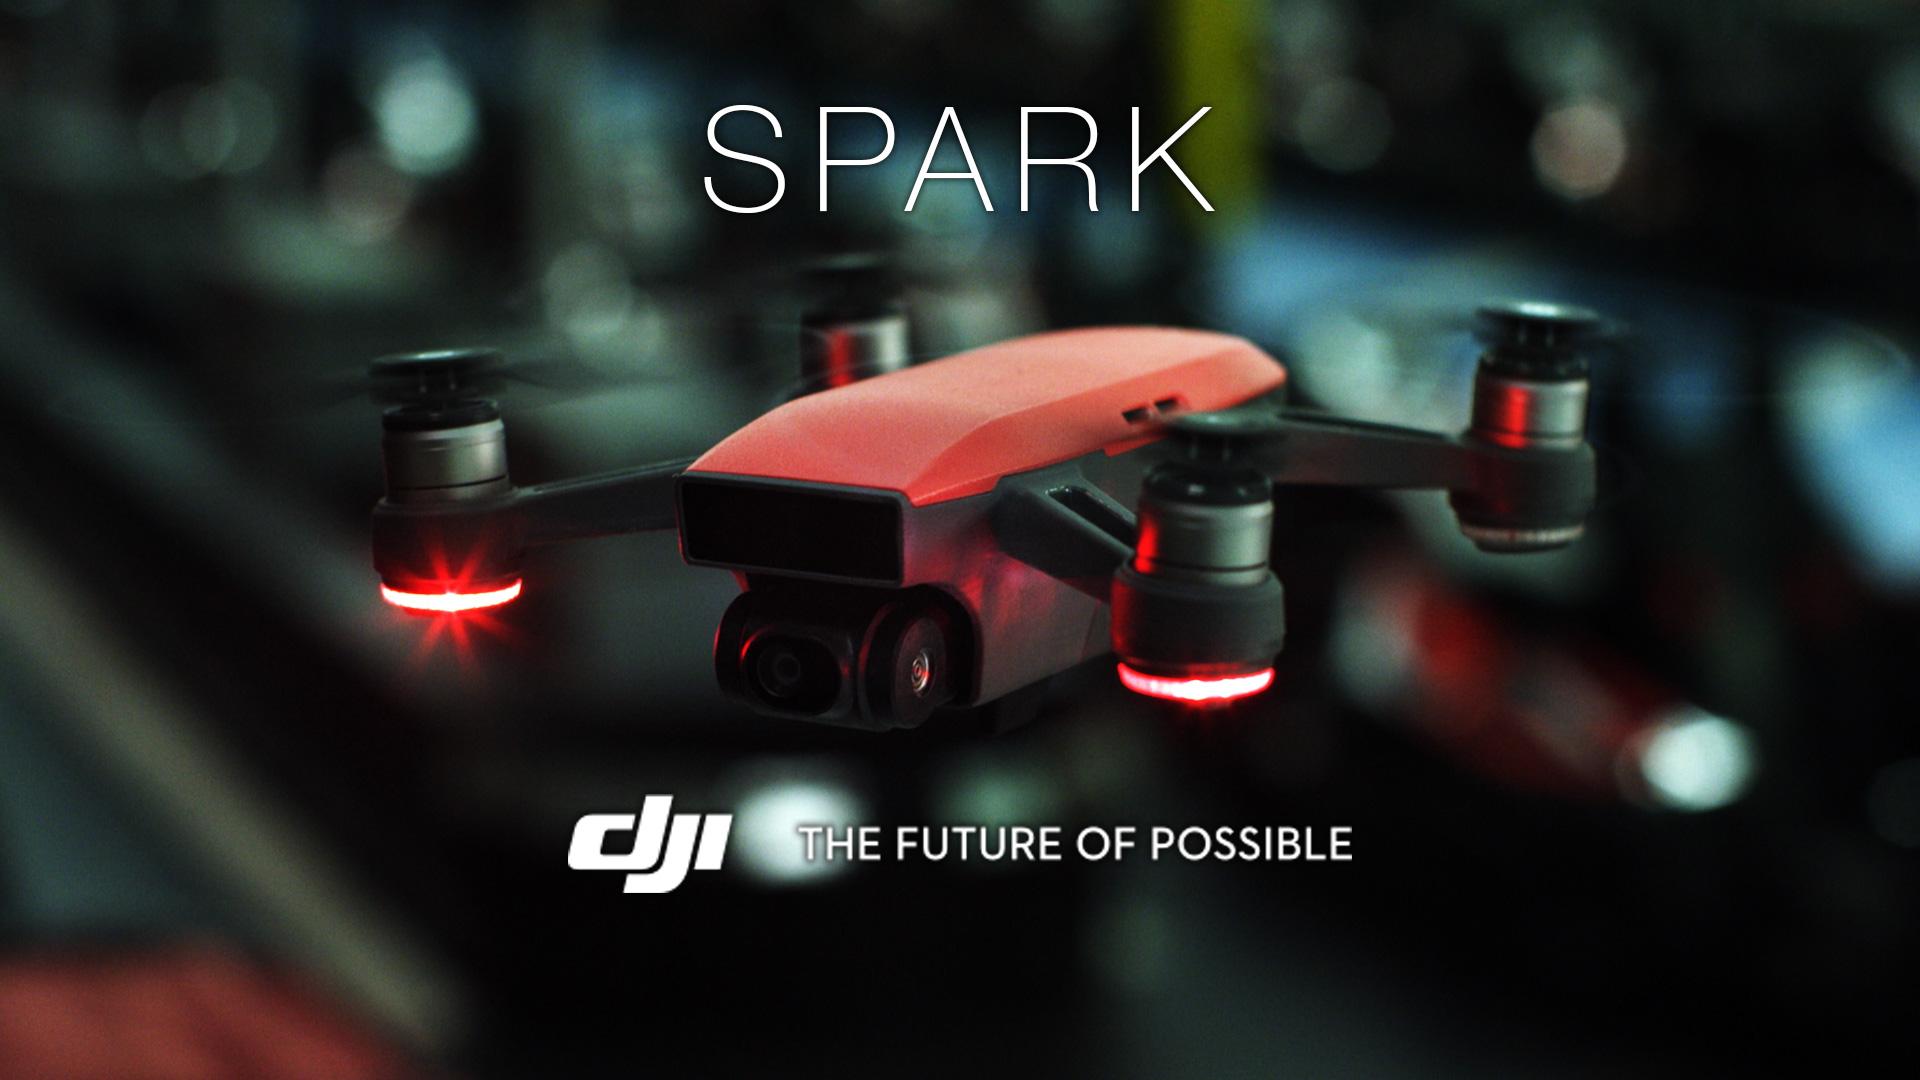 Dans la catégorie drones, j'appelle le DJI Spark !